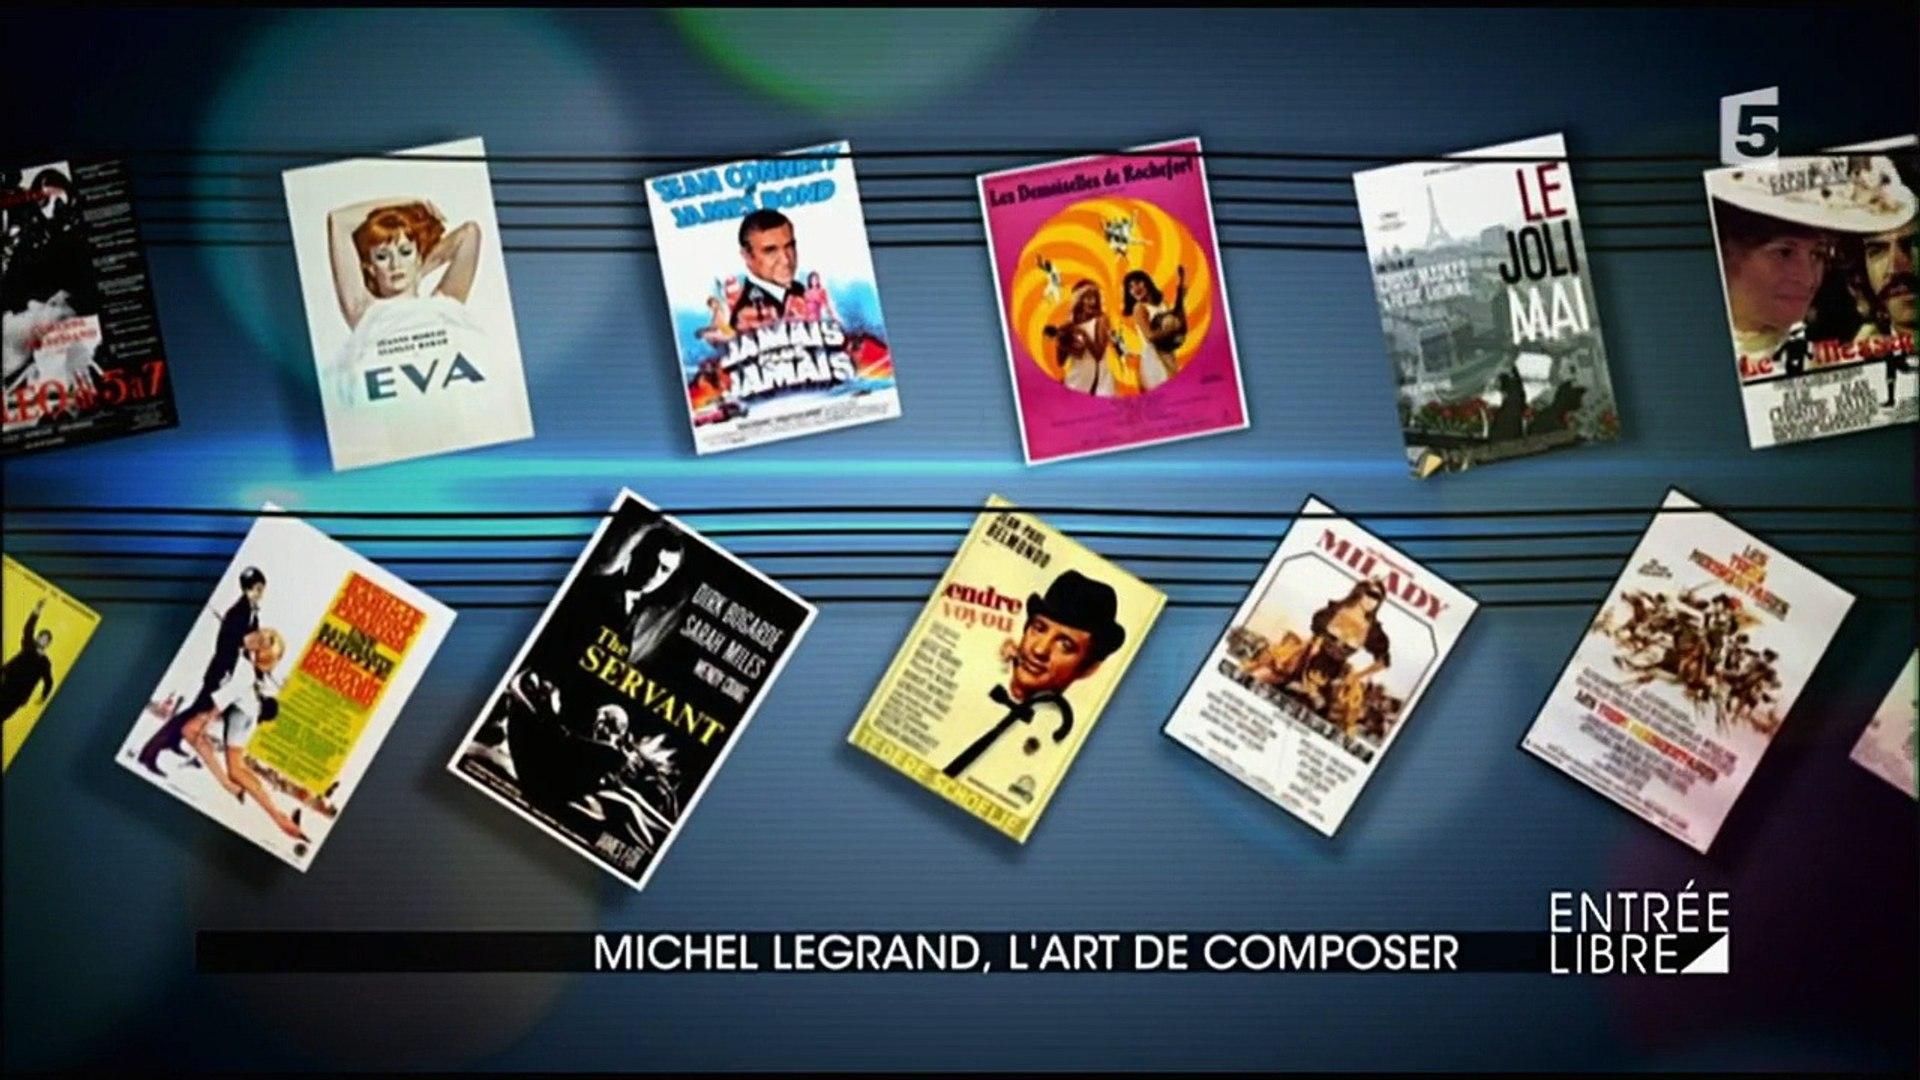 Michel Legrand, l'art de composer